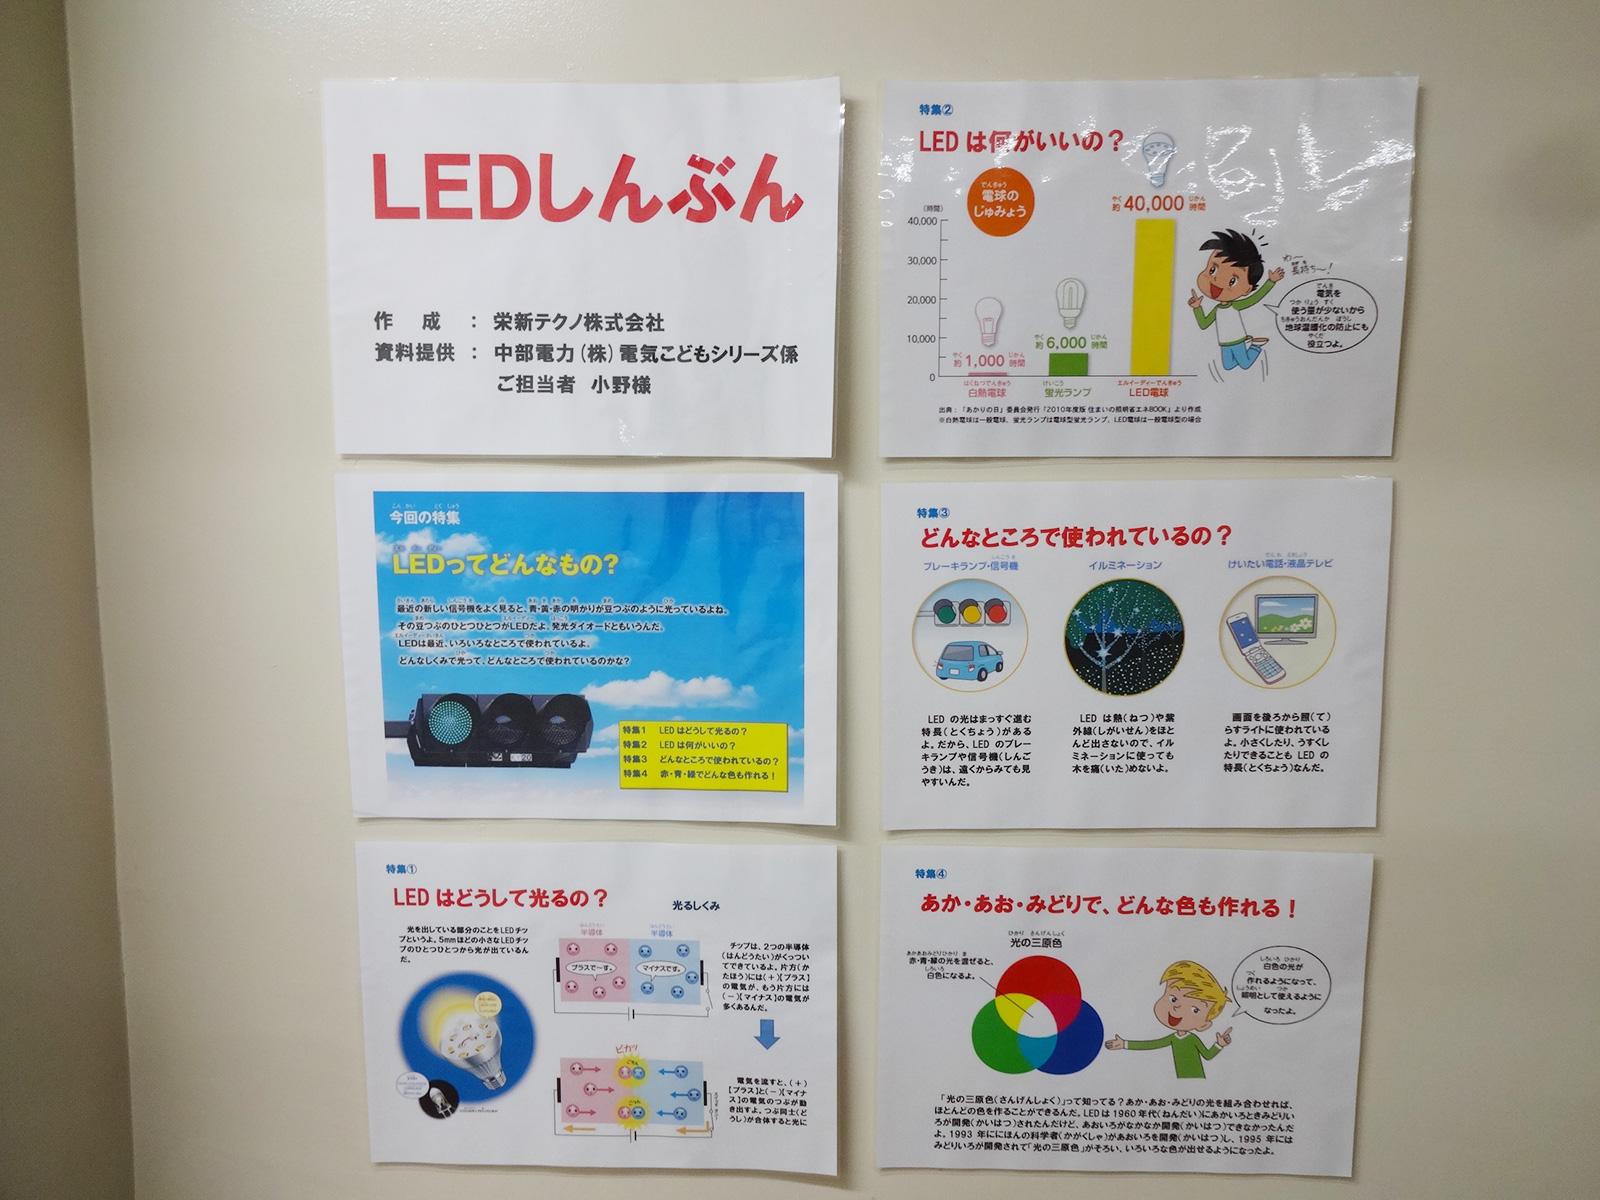 小学校照明LED化工事